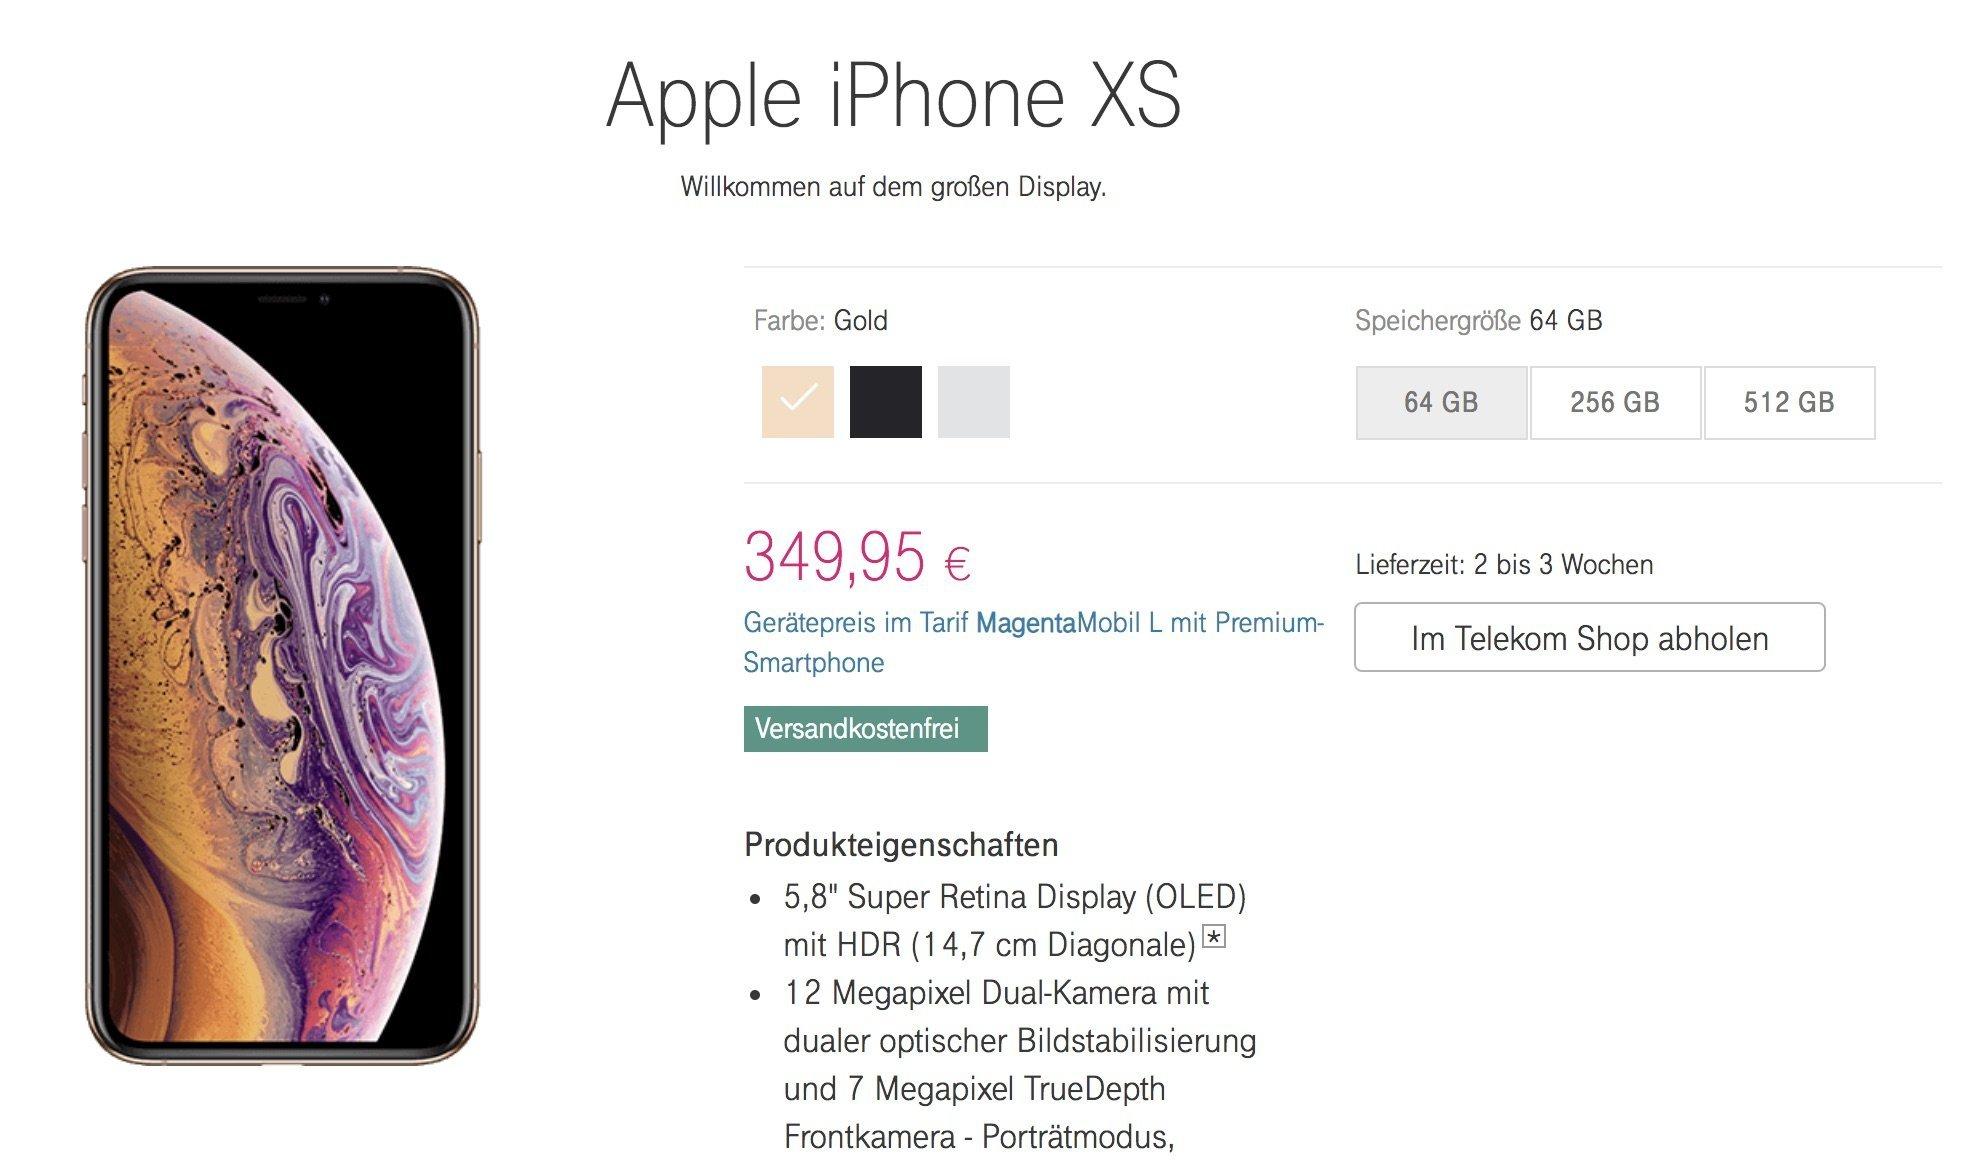 iPhone XS bei Telekom: deutlich günstiger mit Smartphone statt Top- oder Premium-Smartphone 4